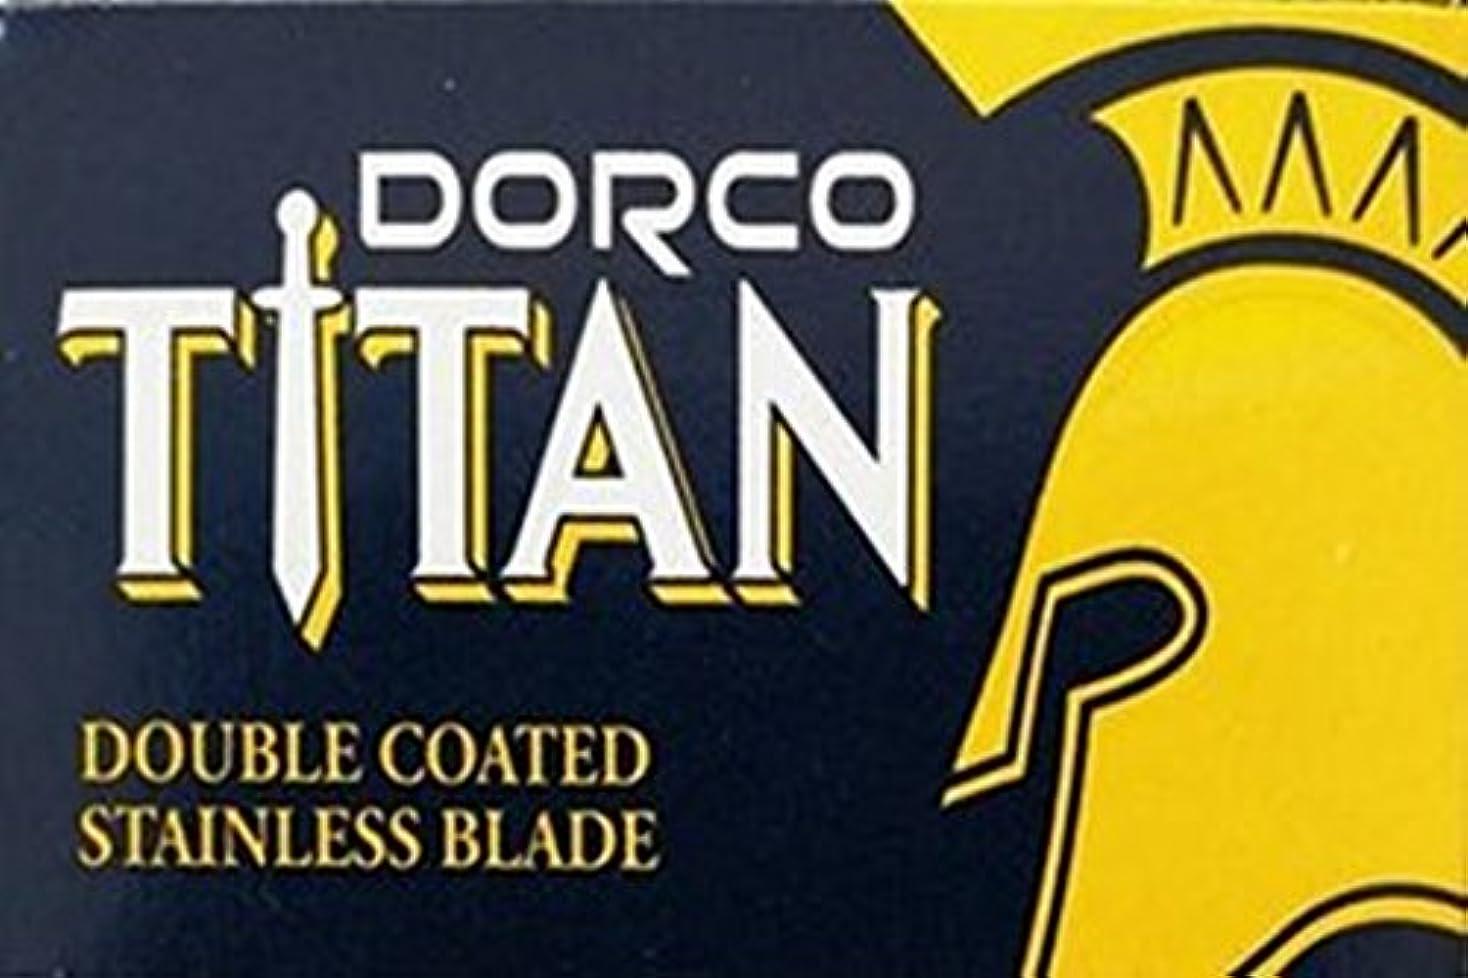 チキンヤギブラストDorco Titan 両刃替刃 100枚入り(10枚入り10 個セット)【並行輸入品】